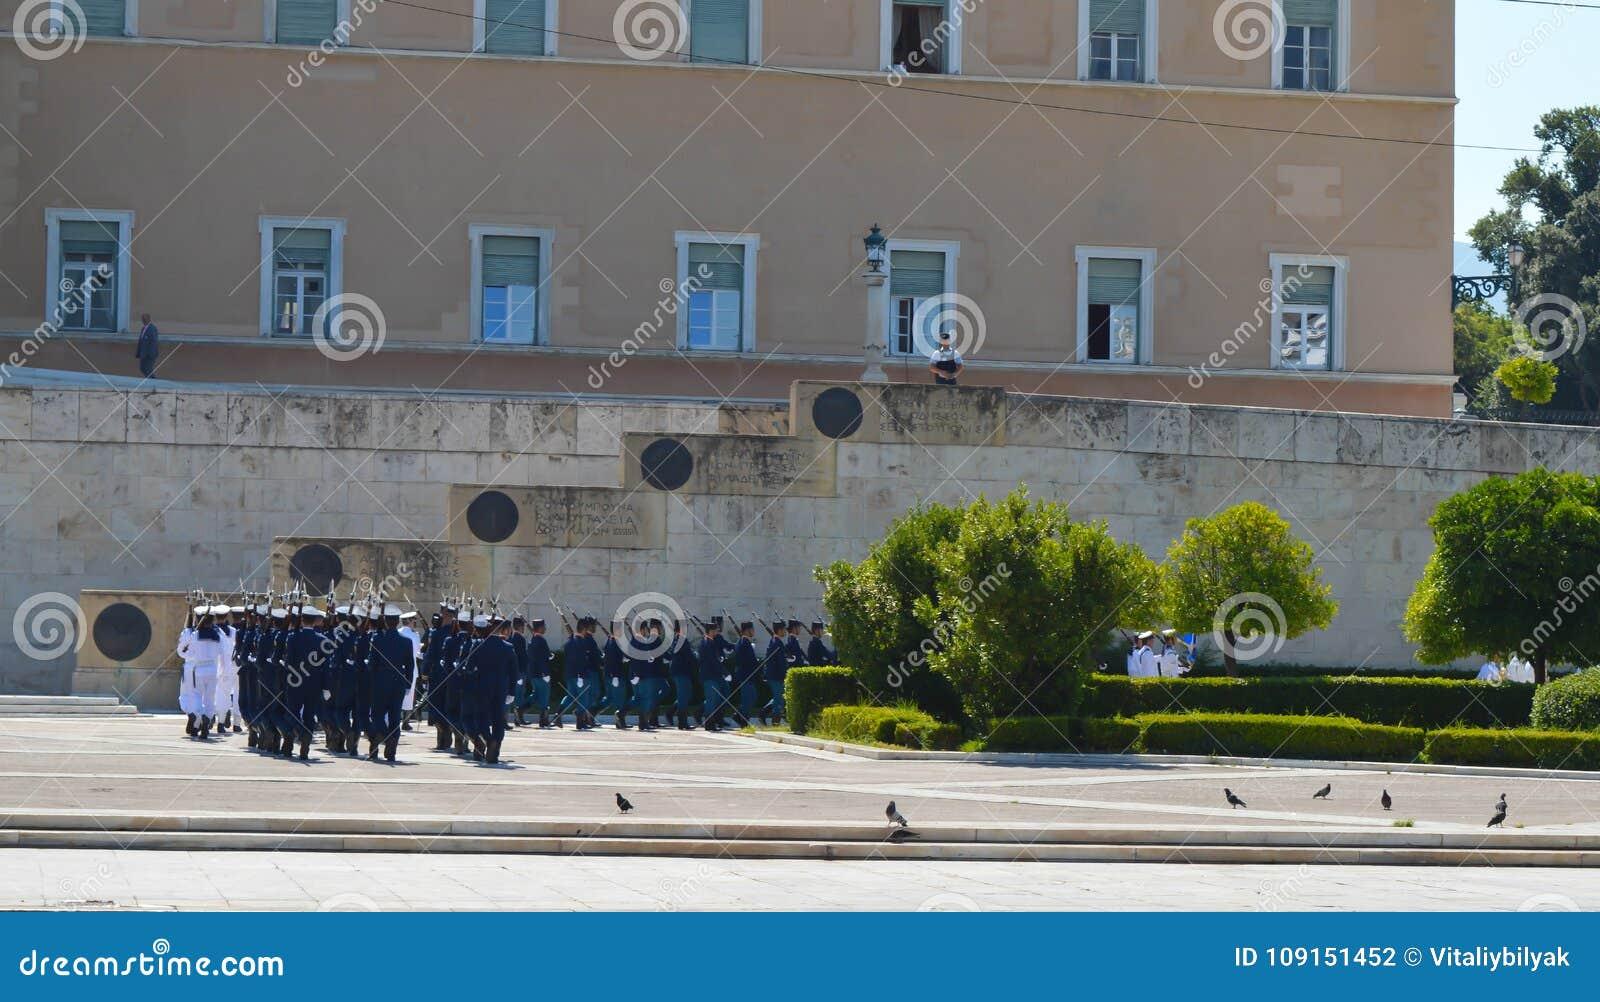 Visite officielle de président bulgare à Athènes, Grèce le 23 juin 2017 ATHÈNES, GRÈCE - 23 JUIN : Off